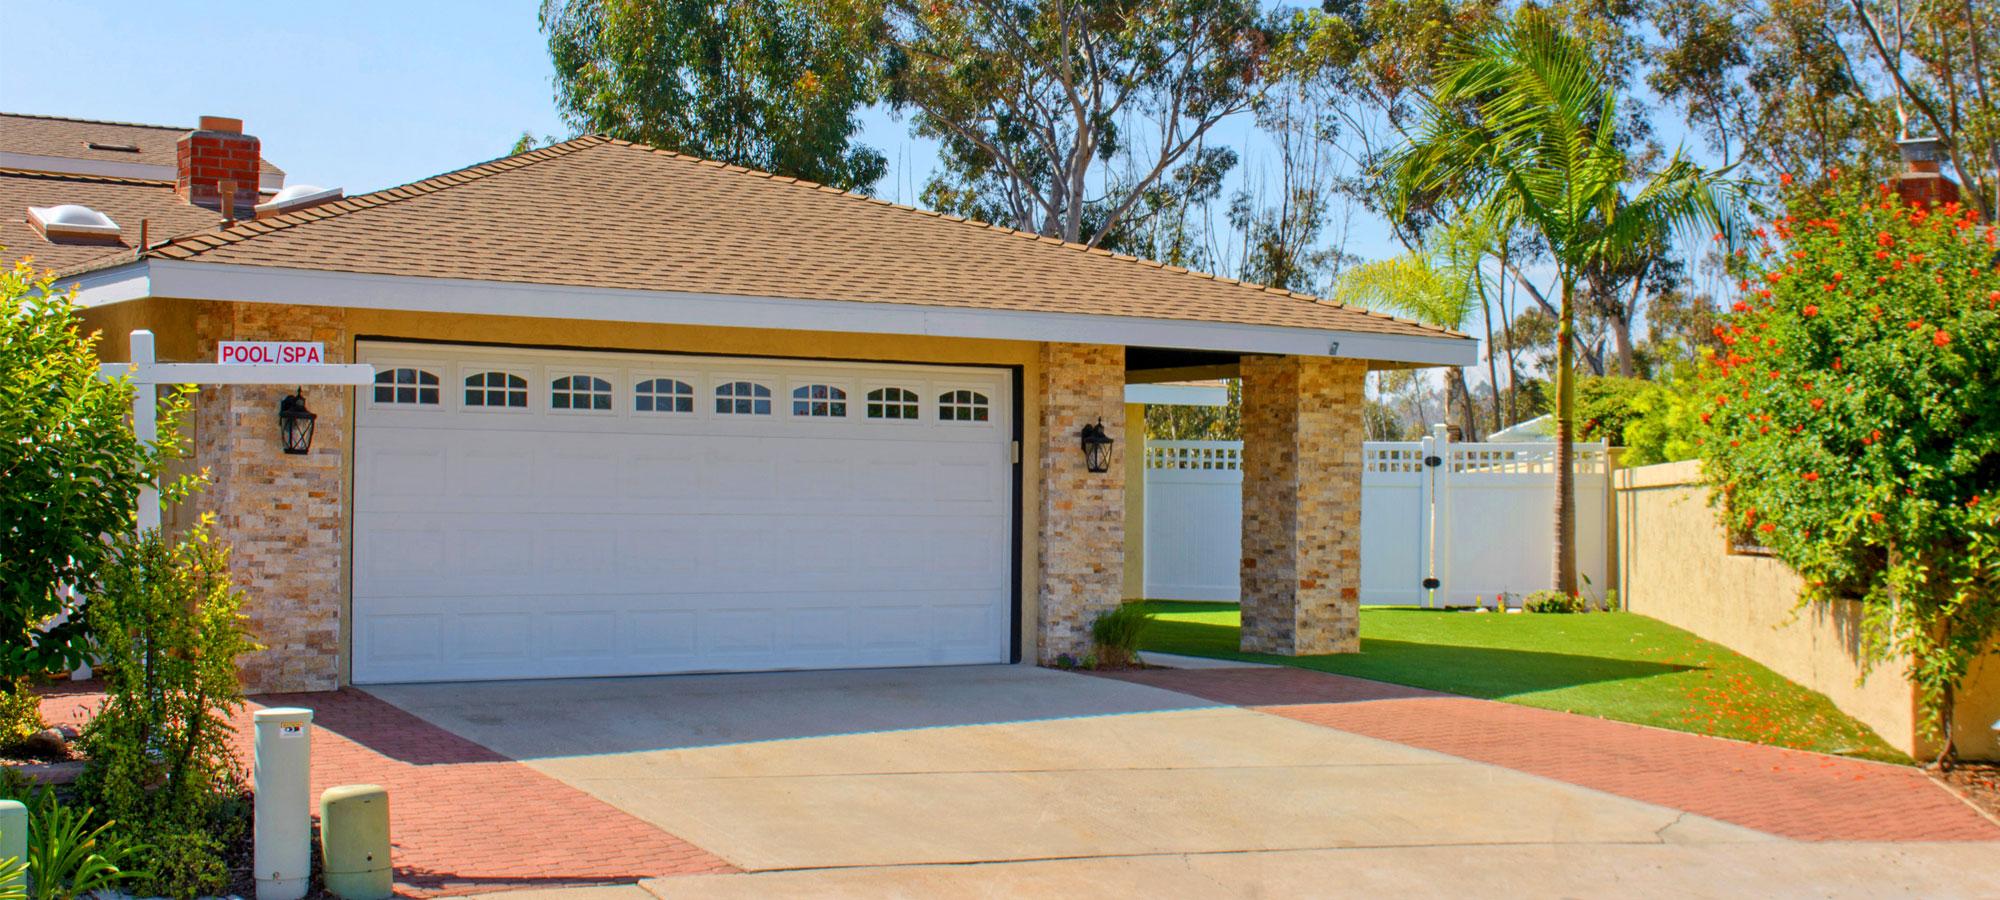 11494 Red Cedar Dr. San Diego, CA 92131